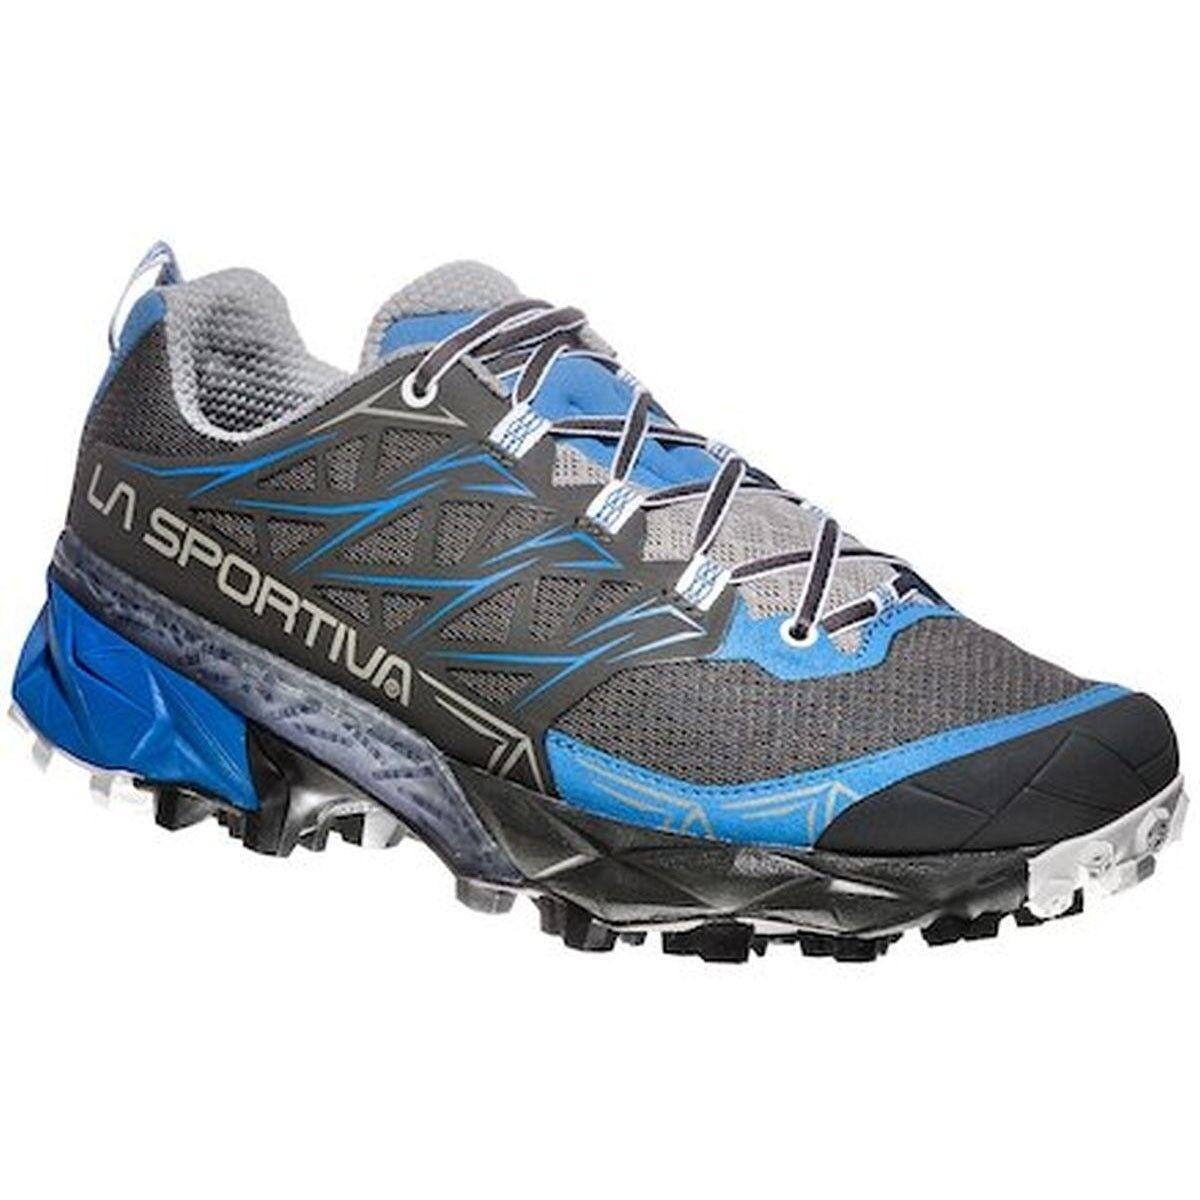 La Sportiva Akyra Trail Running Damen Laufschuhe blau    | Billiger als der Preis  ccb264